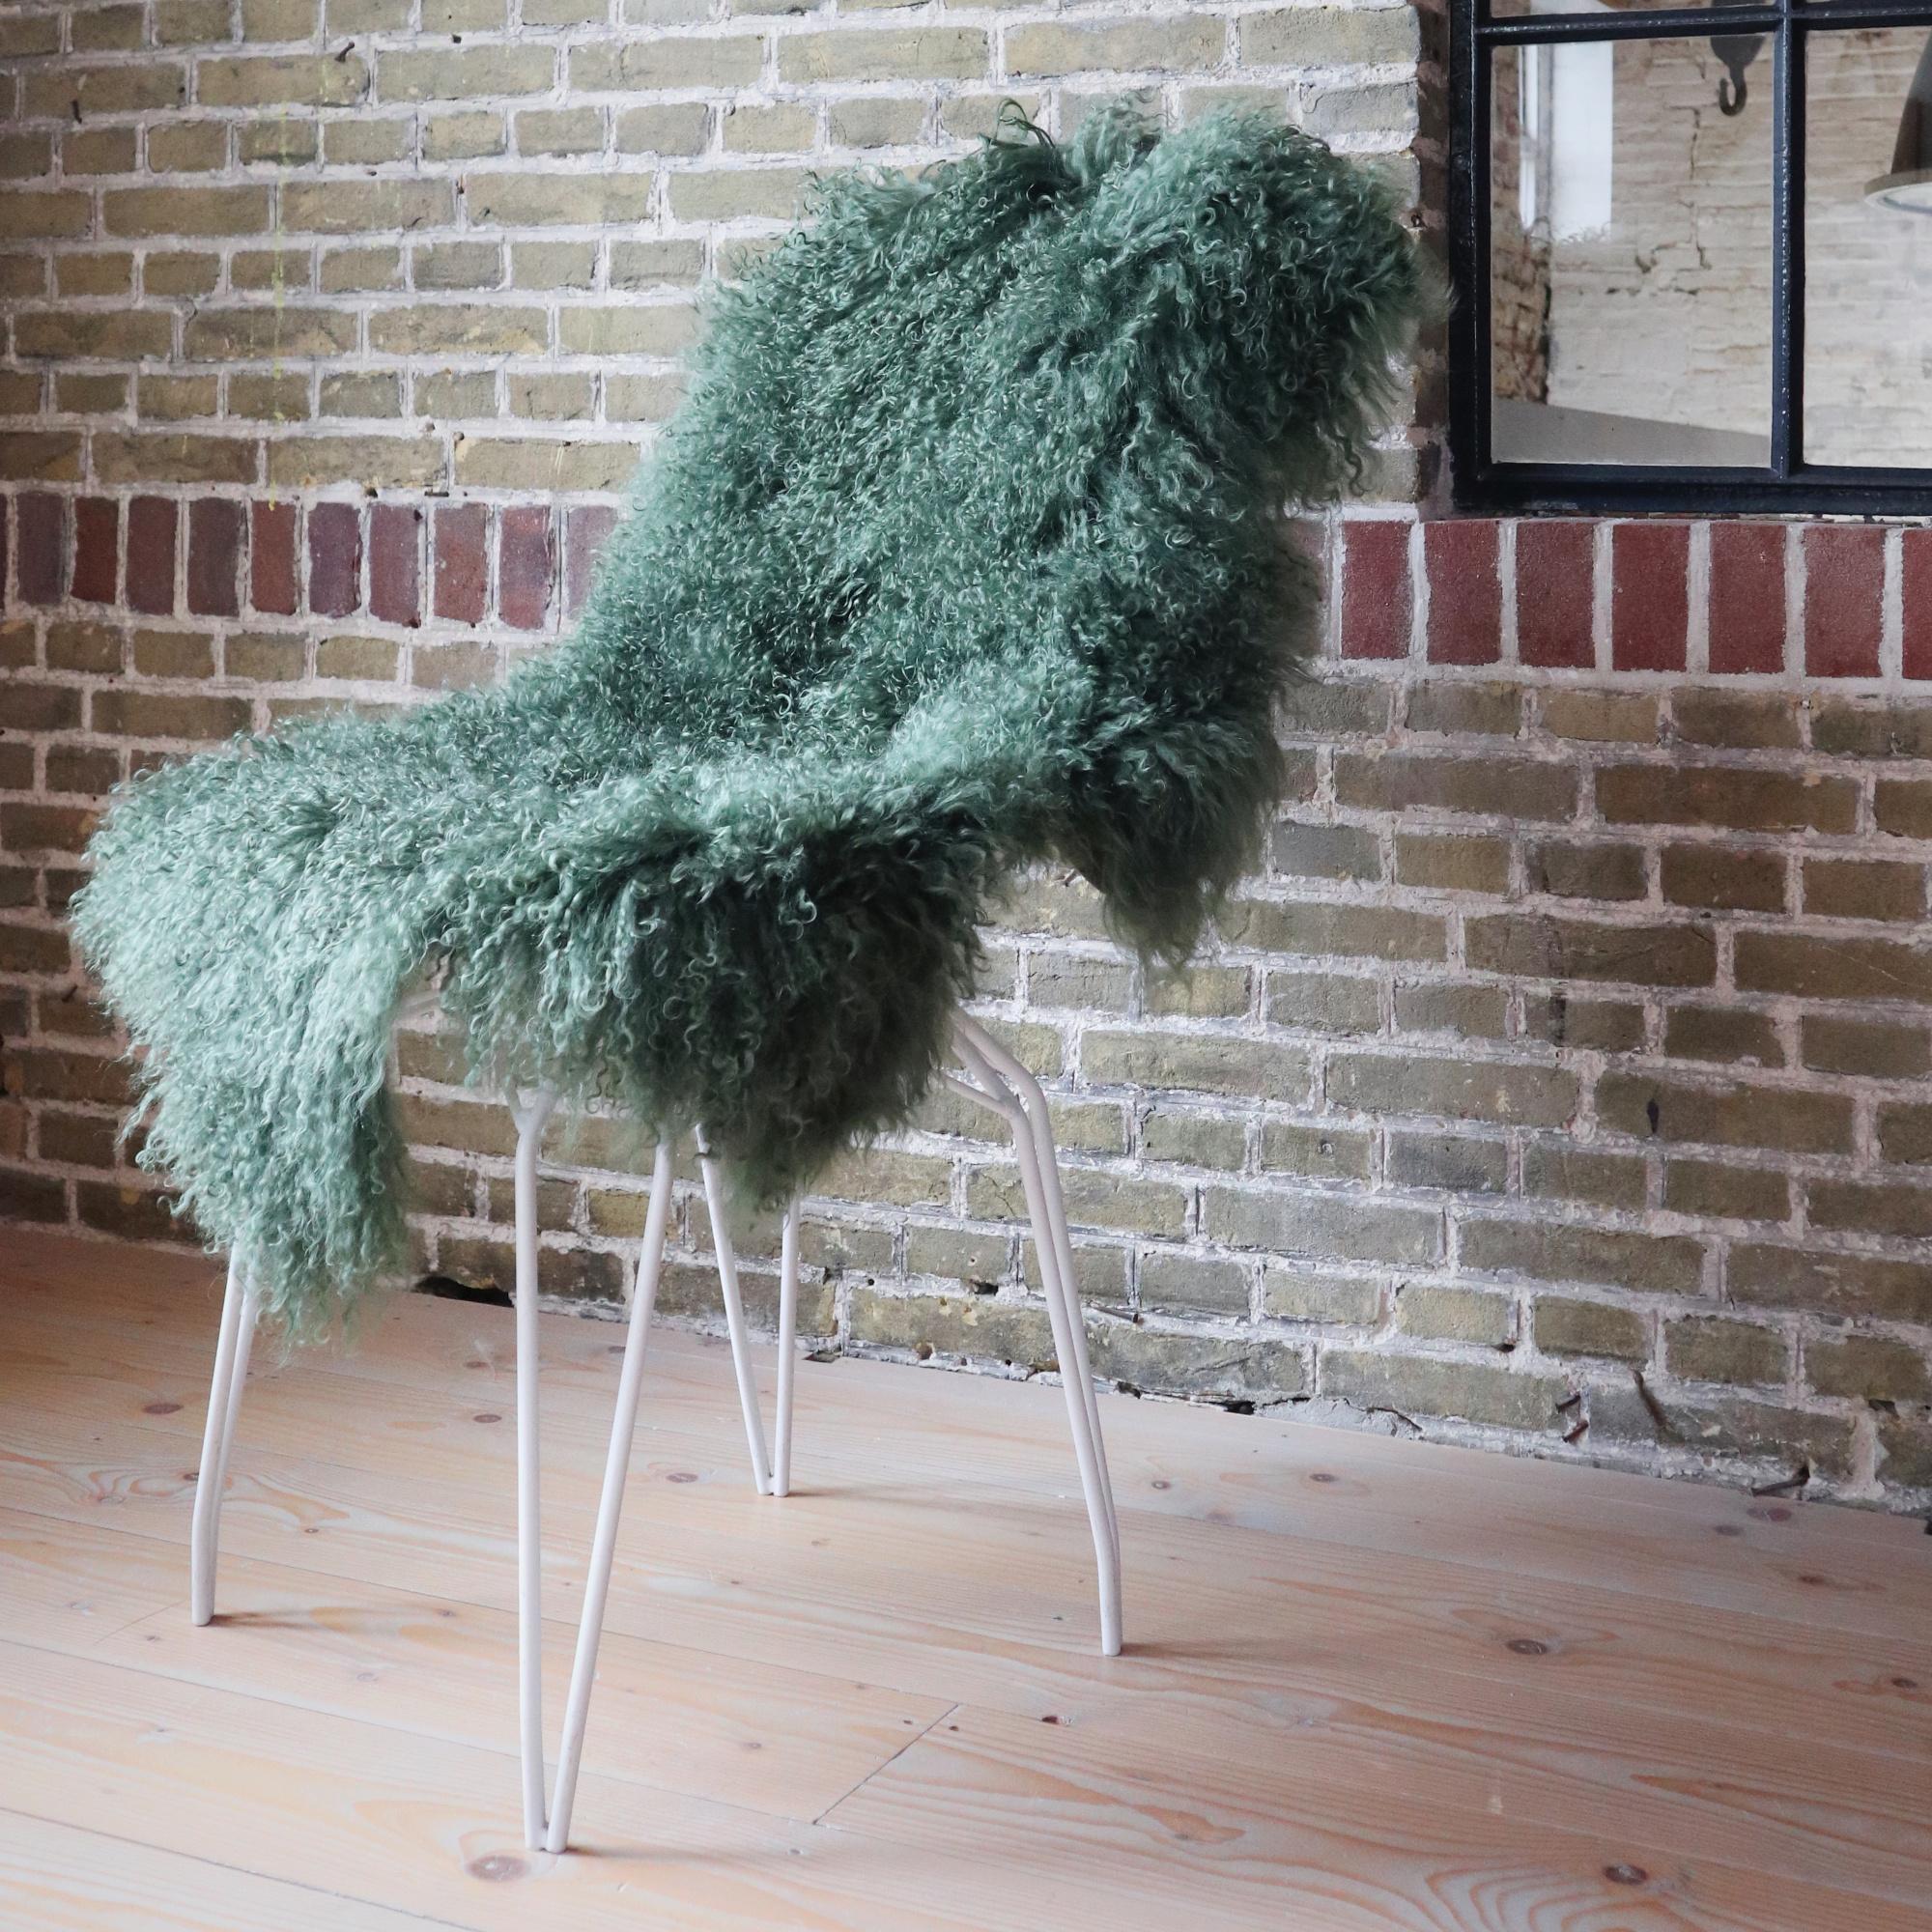 testVan Buren Schapenvacht gras groen Tibetaans met gekrulde lange haren